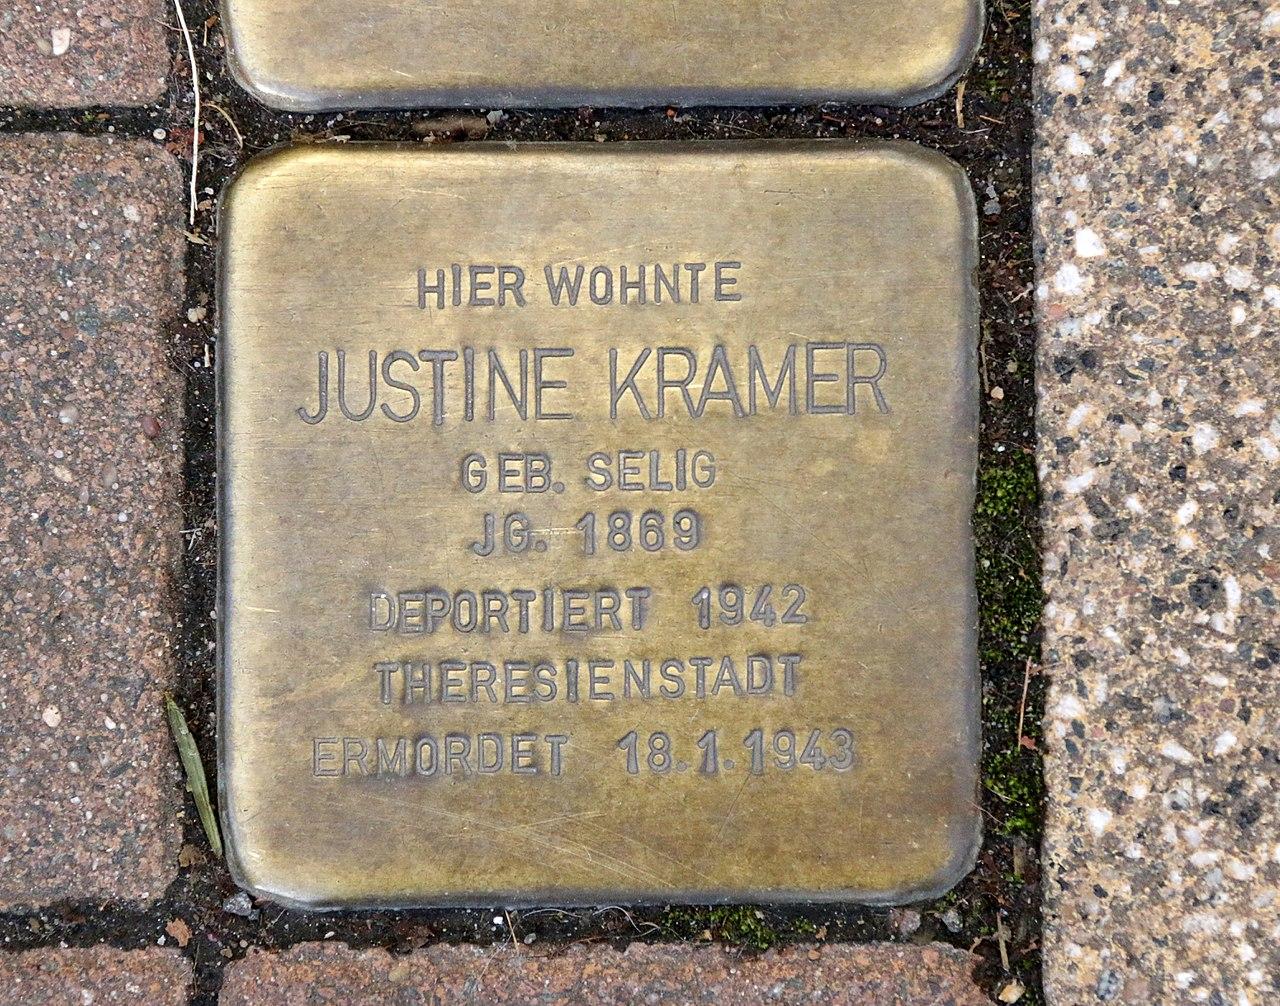 Pariser Strasse 105 - Justine Kramer - Stolperstein Nieder-Olm.jpg